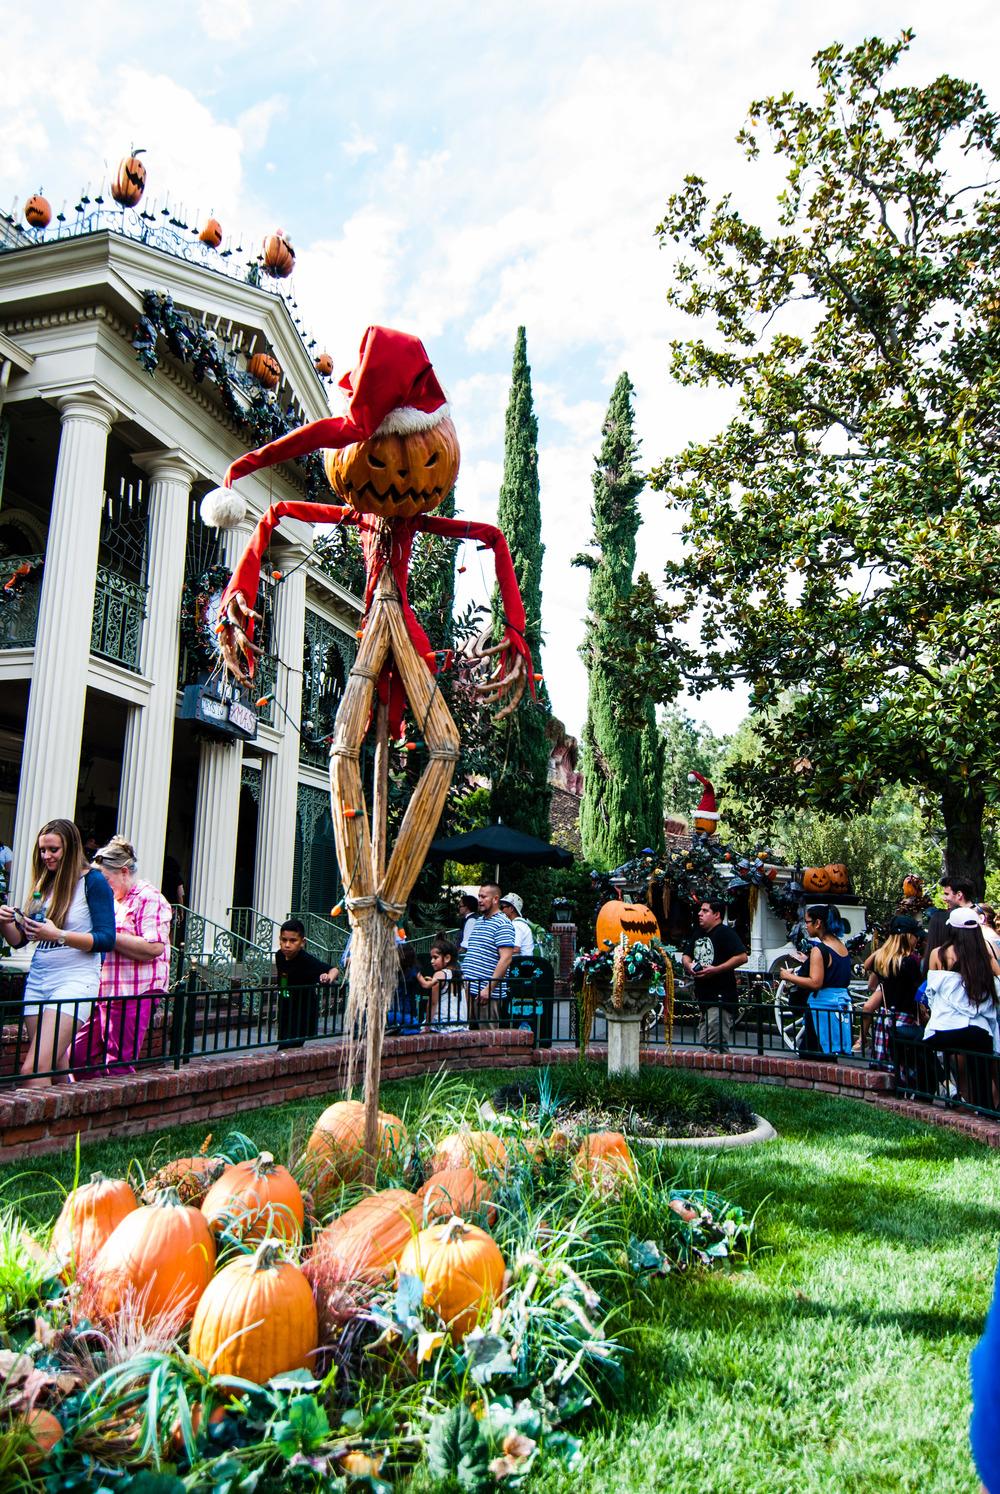 Halloween at Disneyland, Anaheim, CA